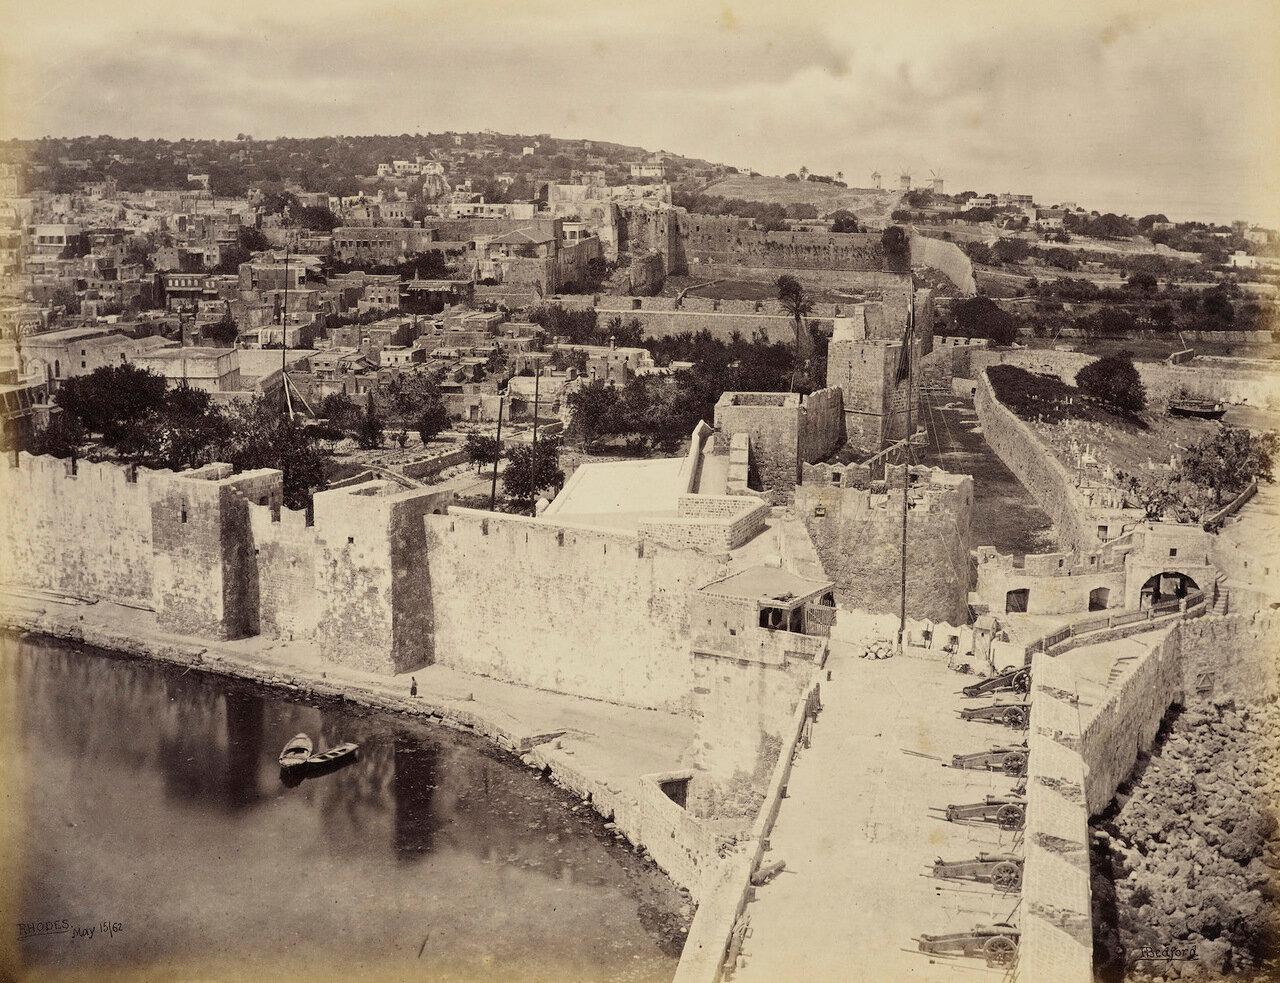 15 мая 1862. Родос, предполагаемое место Колосса